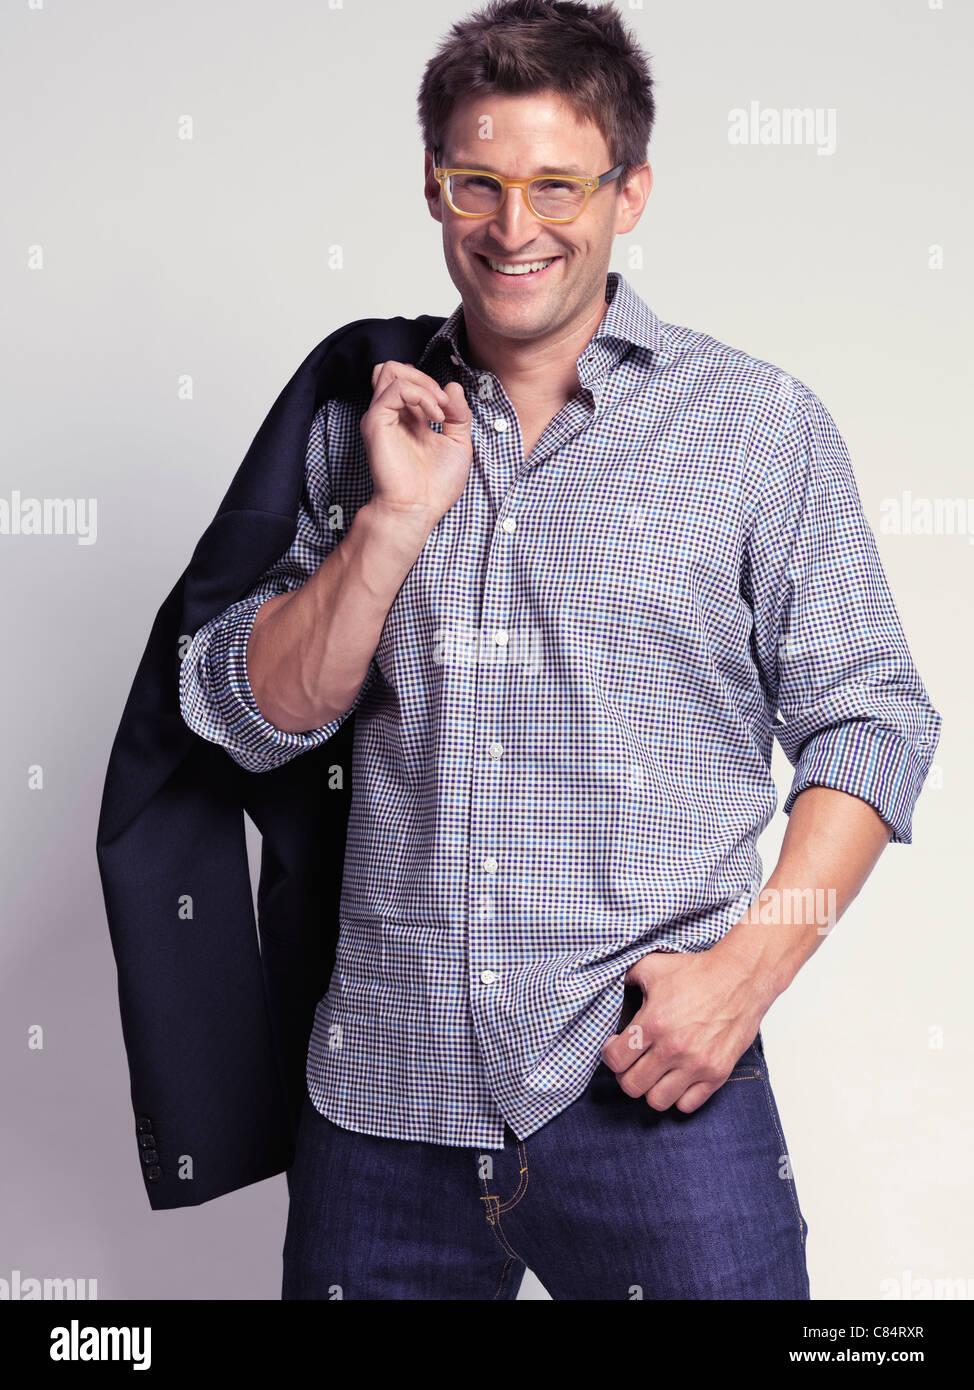 9c004311ed7c0 Vestiti alla moda uomo sorridente nei suoi trent anni i jeans e una  maglietta